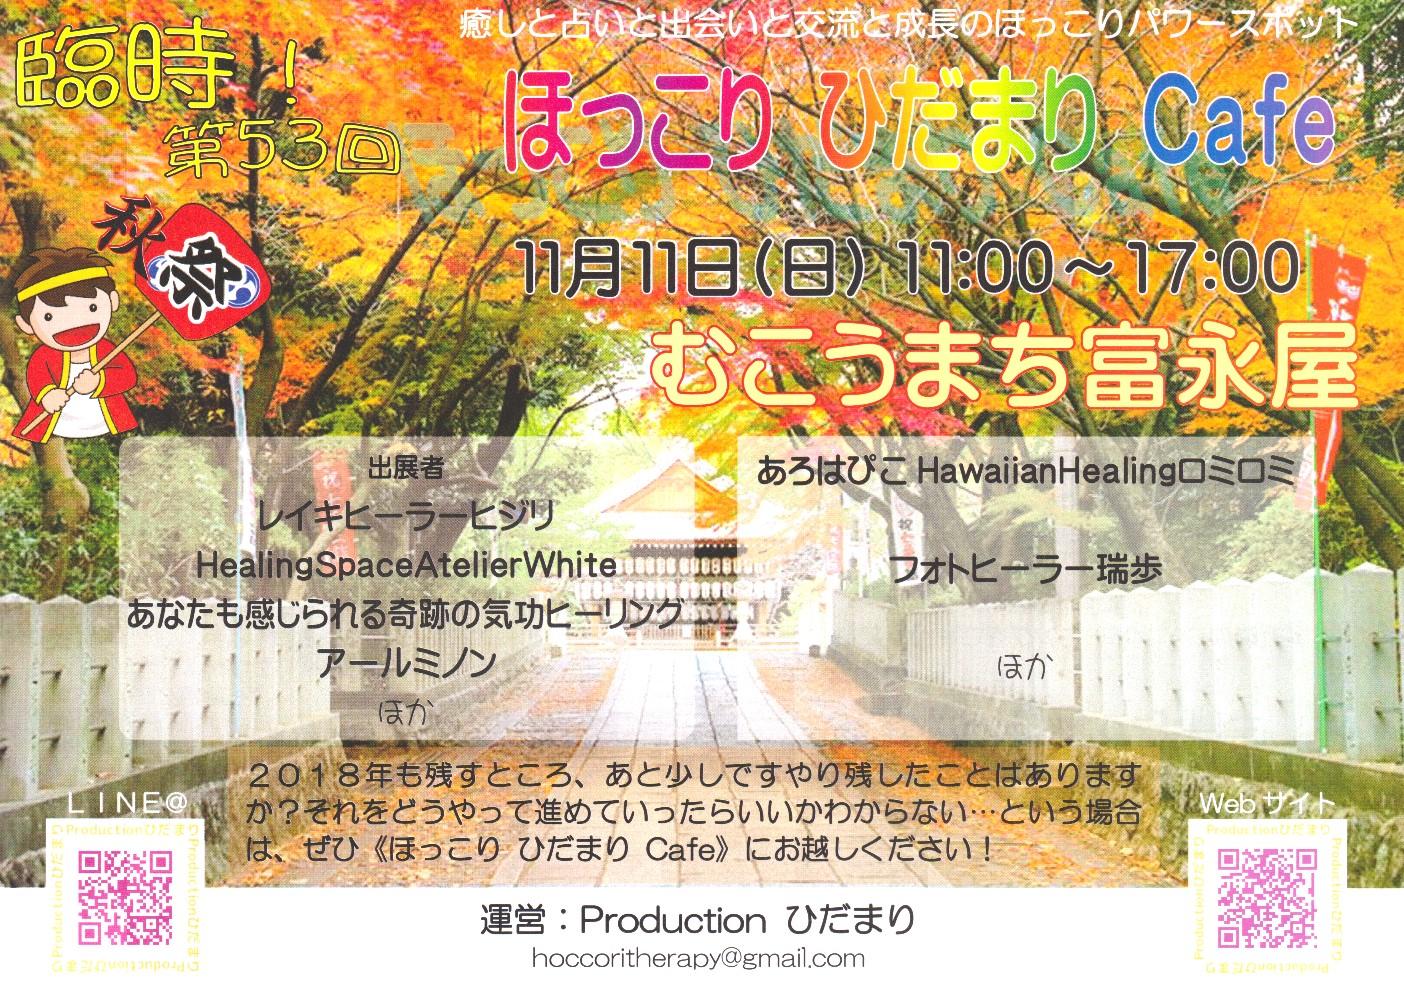 本日!1111…ポッキーの日は、《ほっこり ひだまり Cafe》秋祭りだ!